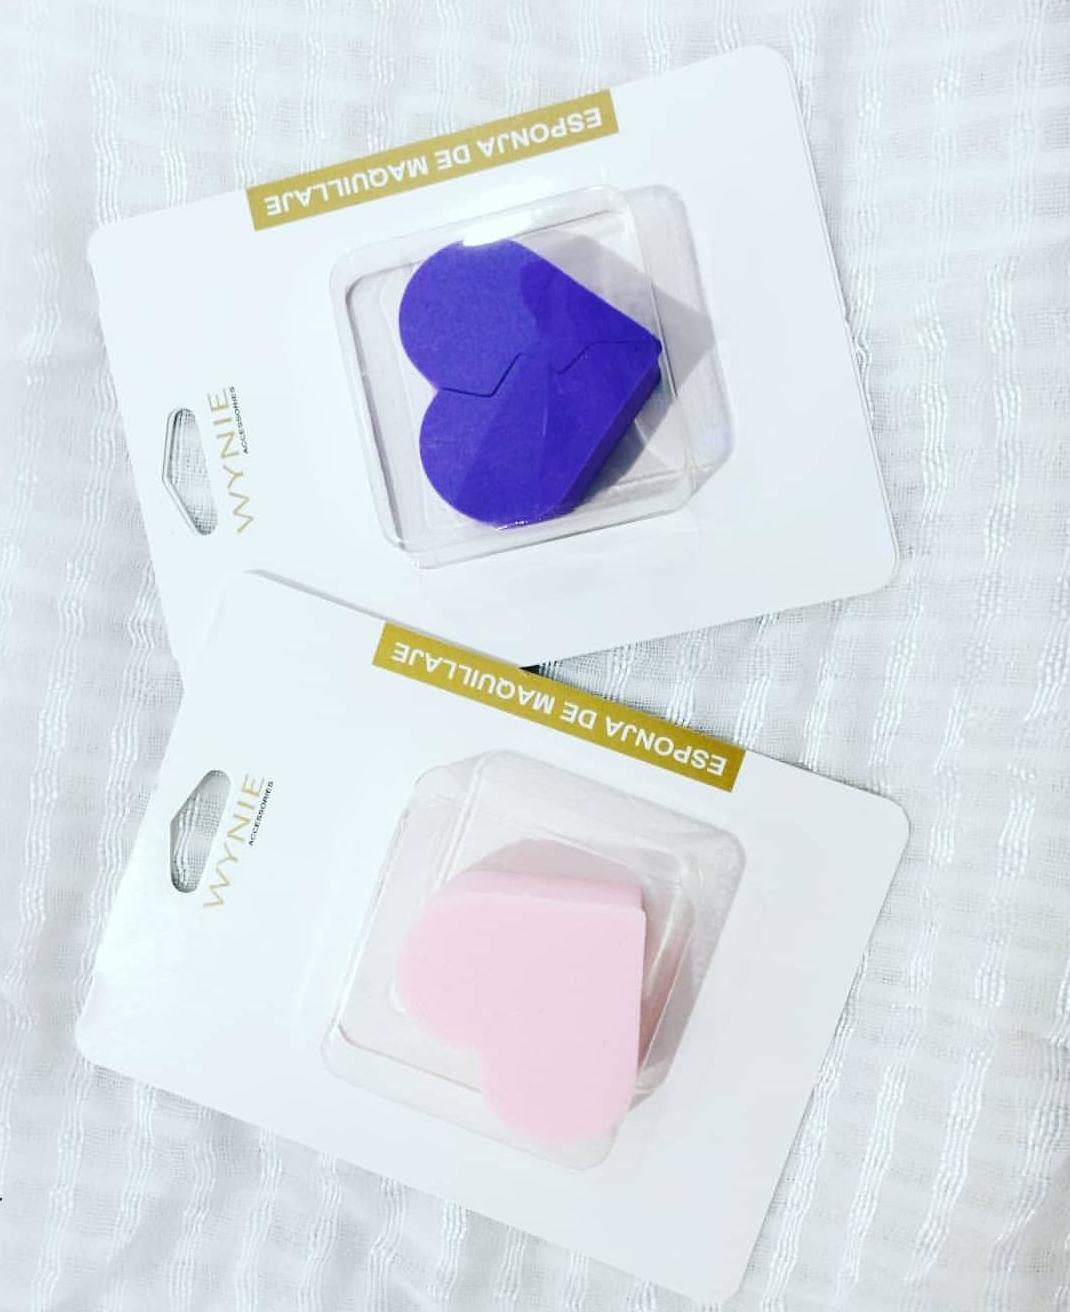 Productos de maquillaje Zaragoza